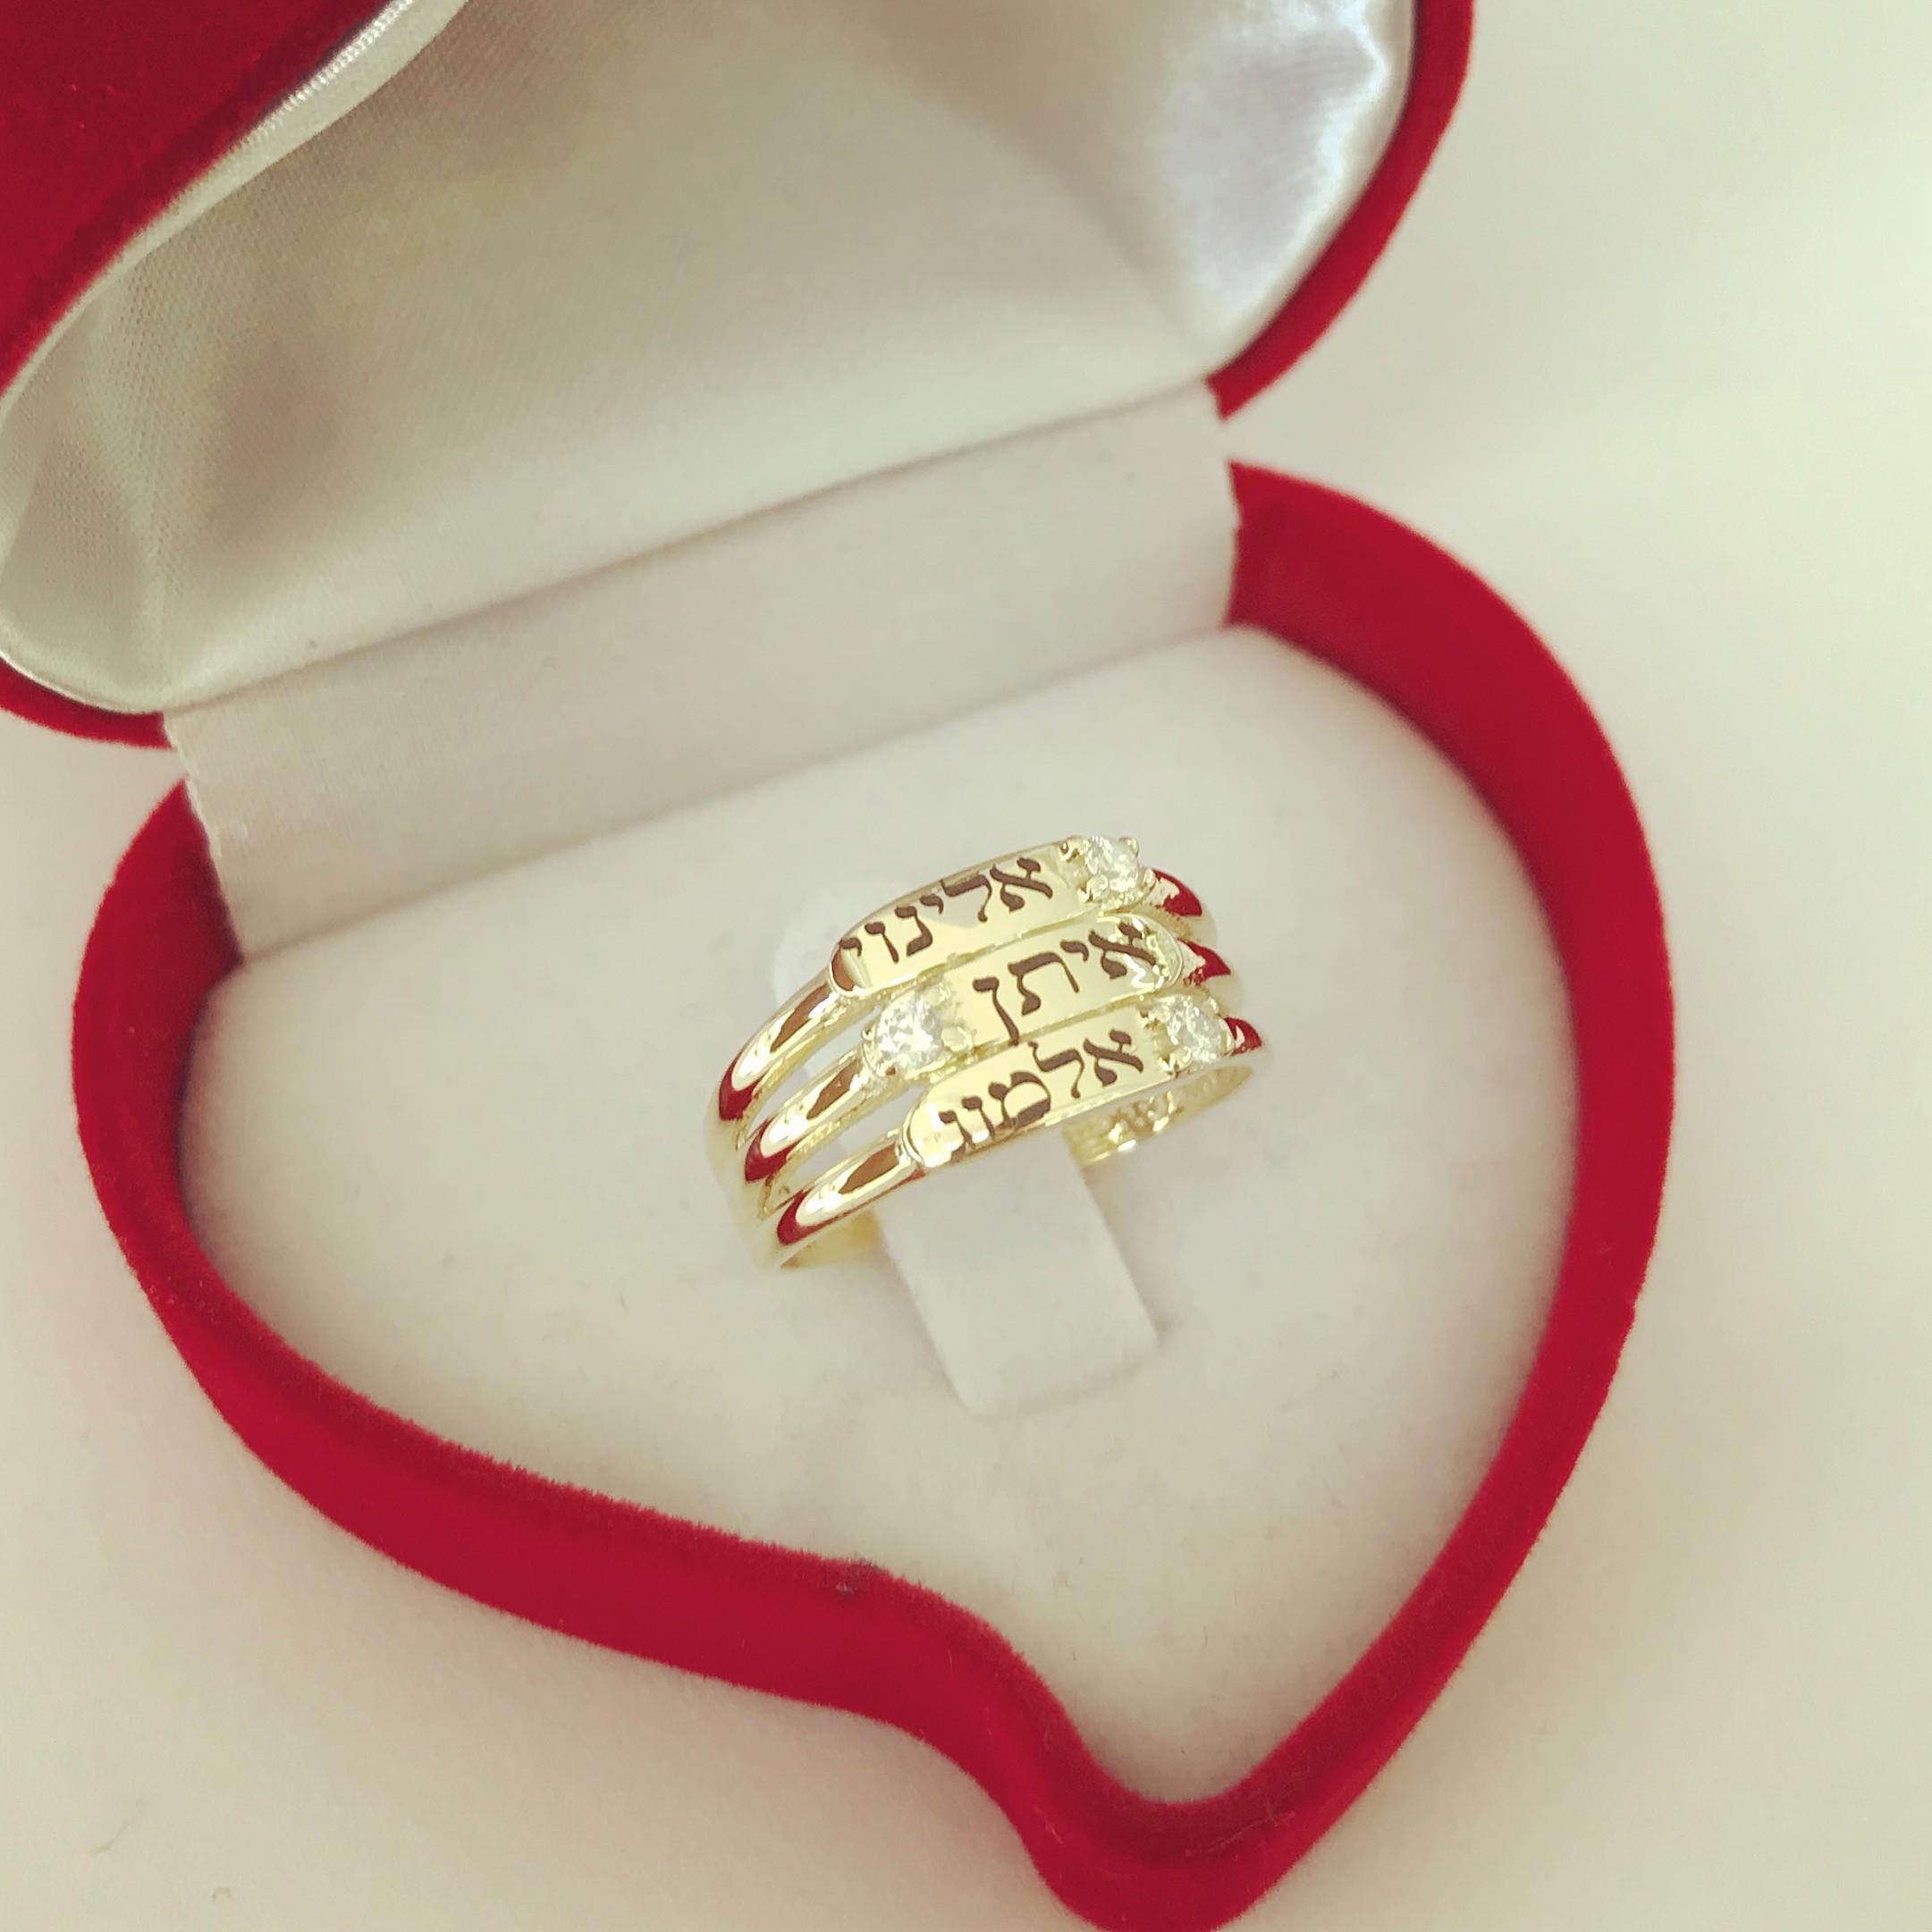 דגם 3123 - טבעת זהב צהוב/לבן 14 קראט מעוצבת עם 3 שמות